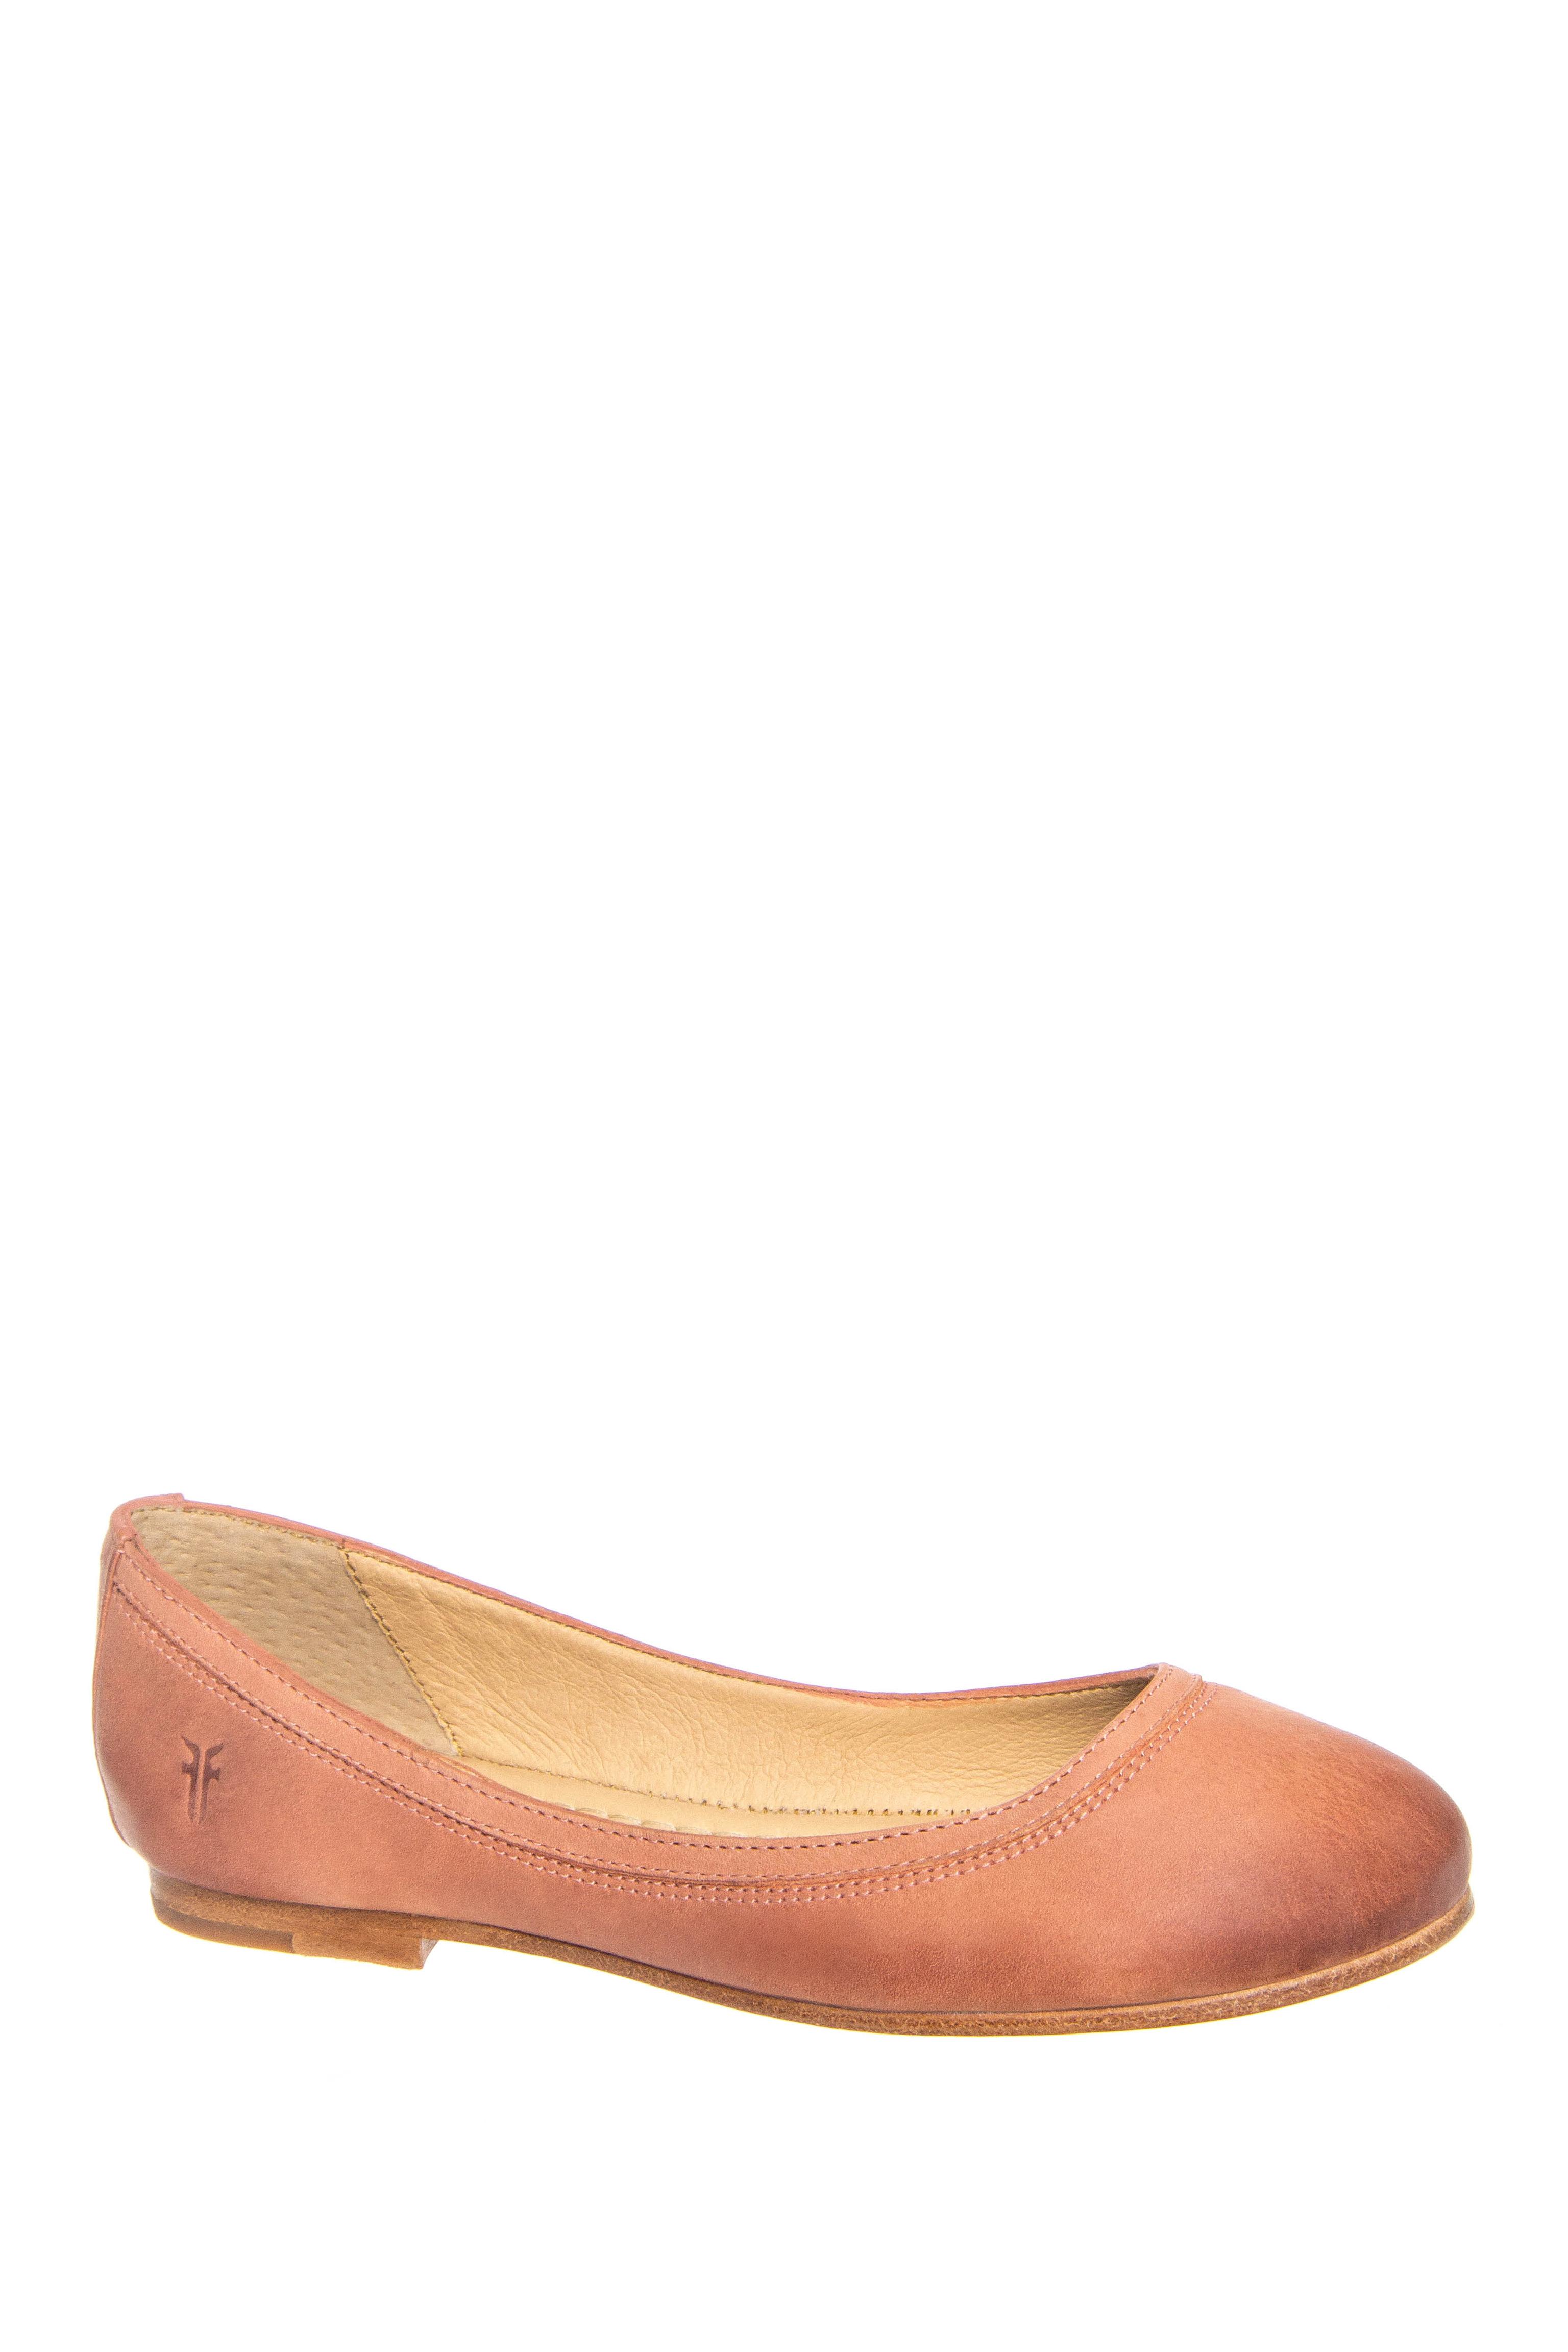 Frye Carson Ballet Flats - Dusty Rose